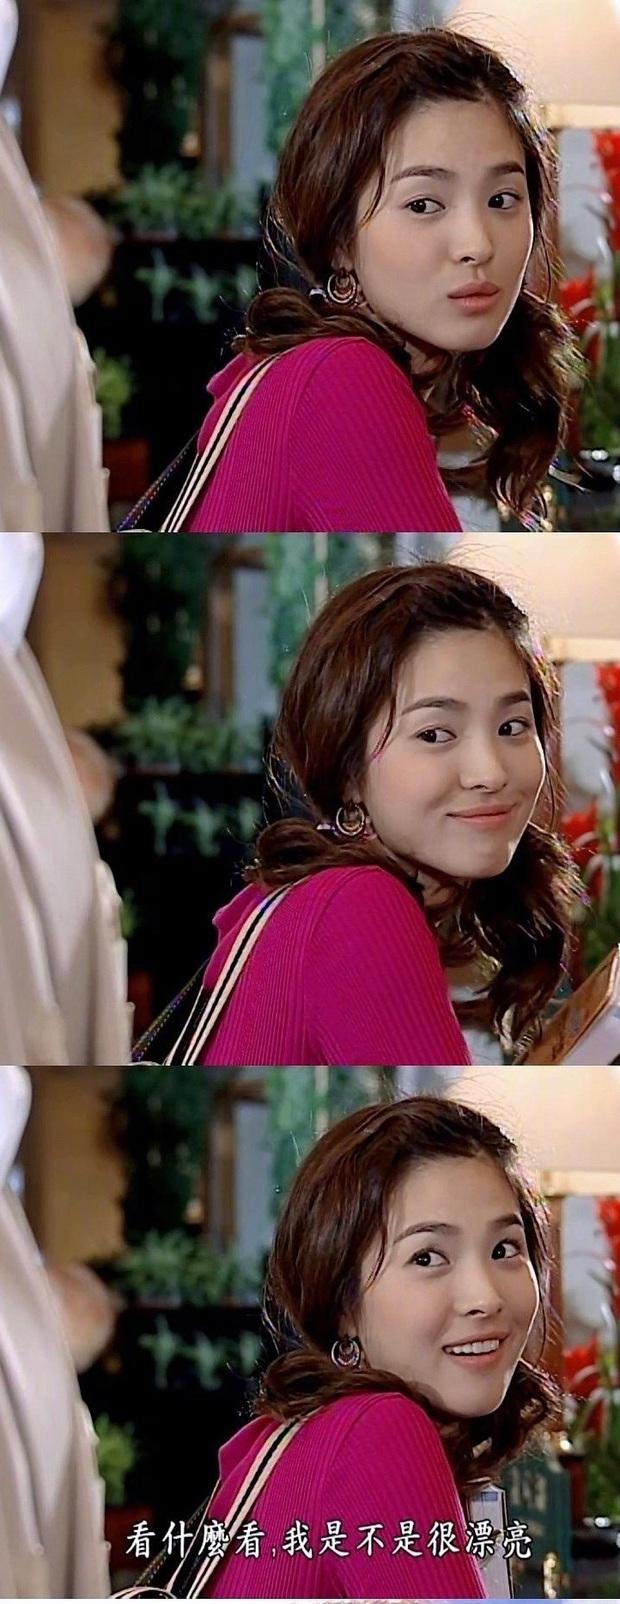 Ngắm lại nhan sắc Song Hye Kyo thuở Full House mới hiểu vì sao Hyun Bin, Song Joong Ki mê nàng như điếu đổ - Ảnh 4.